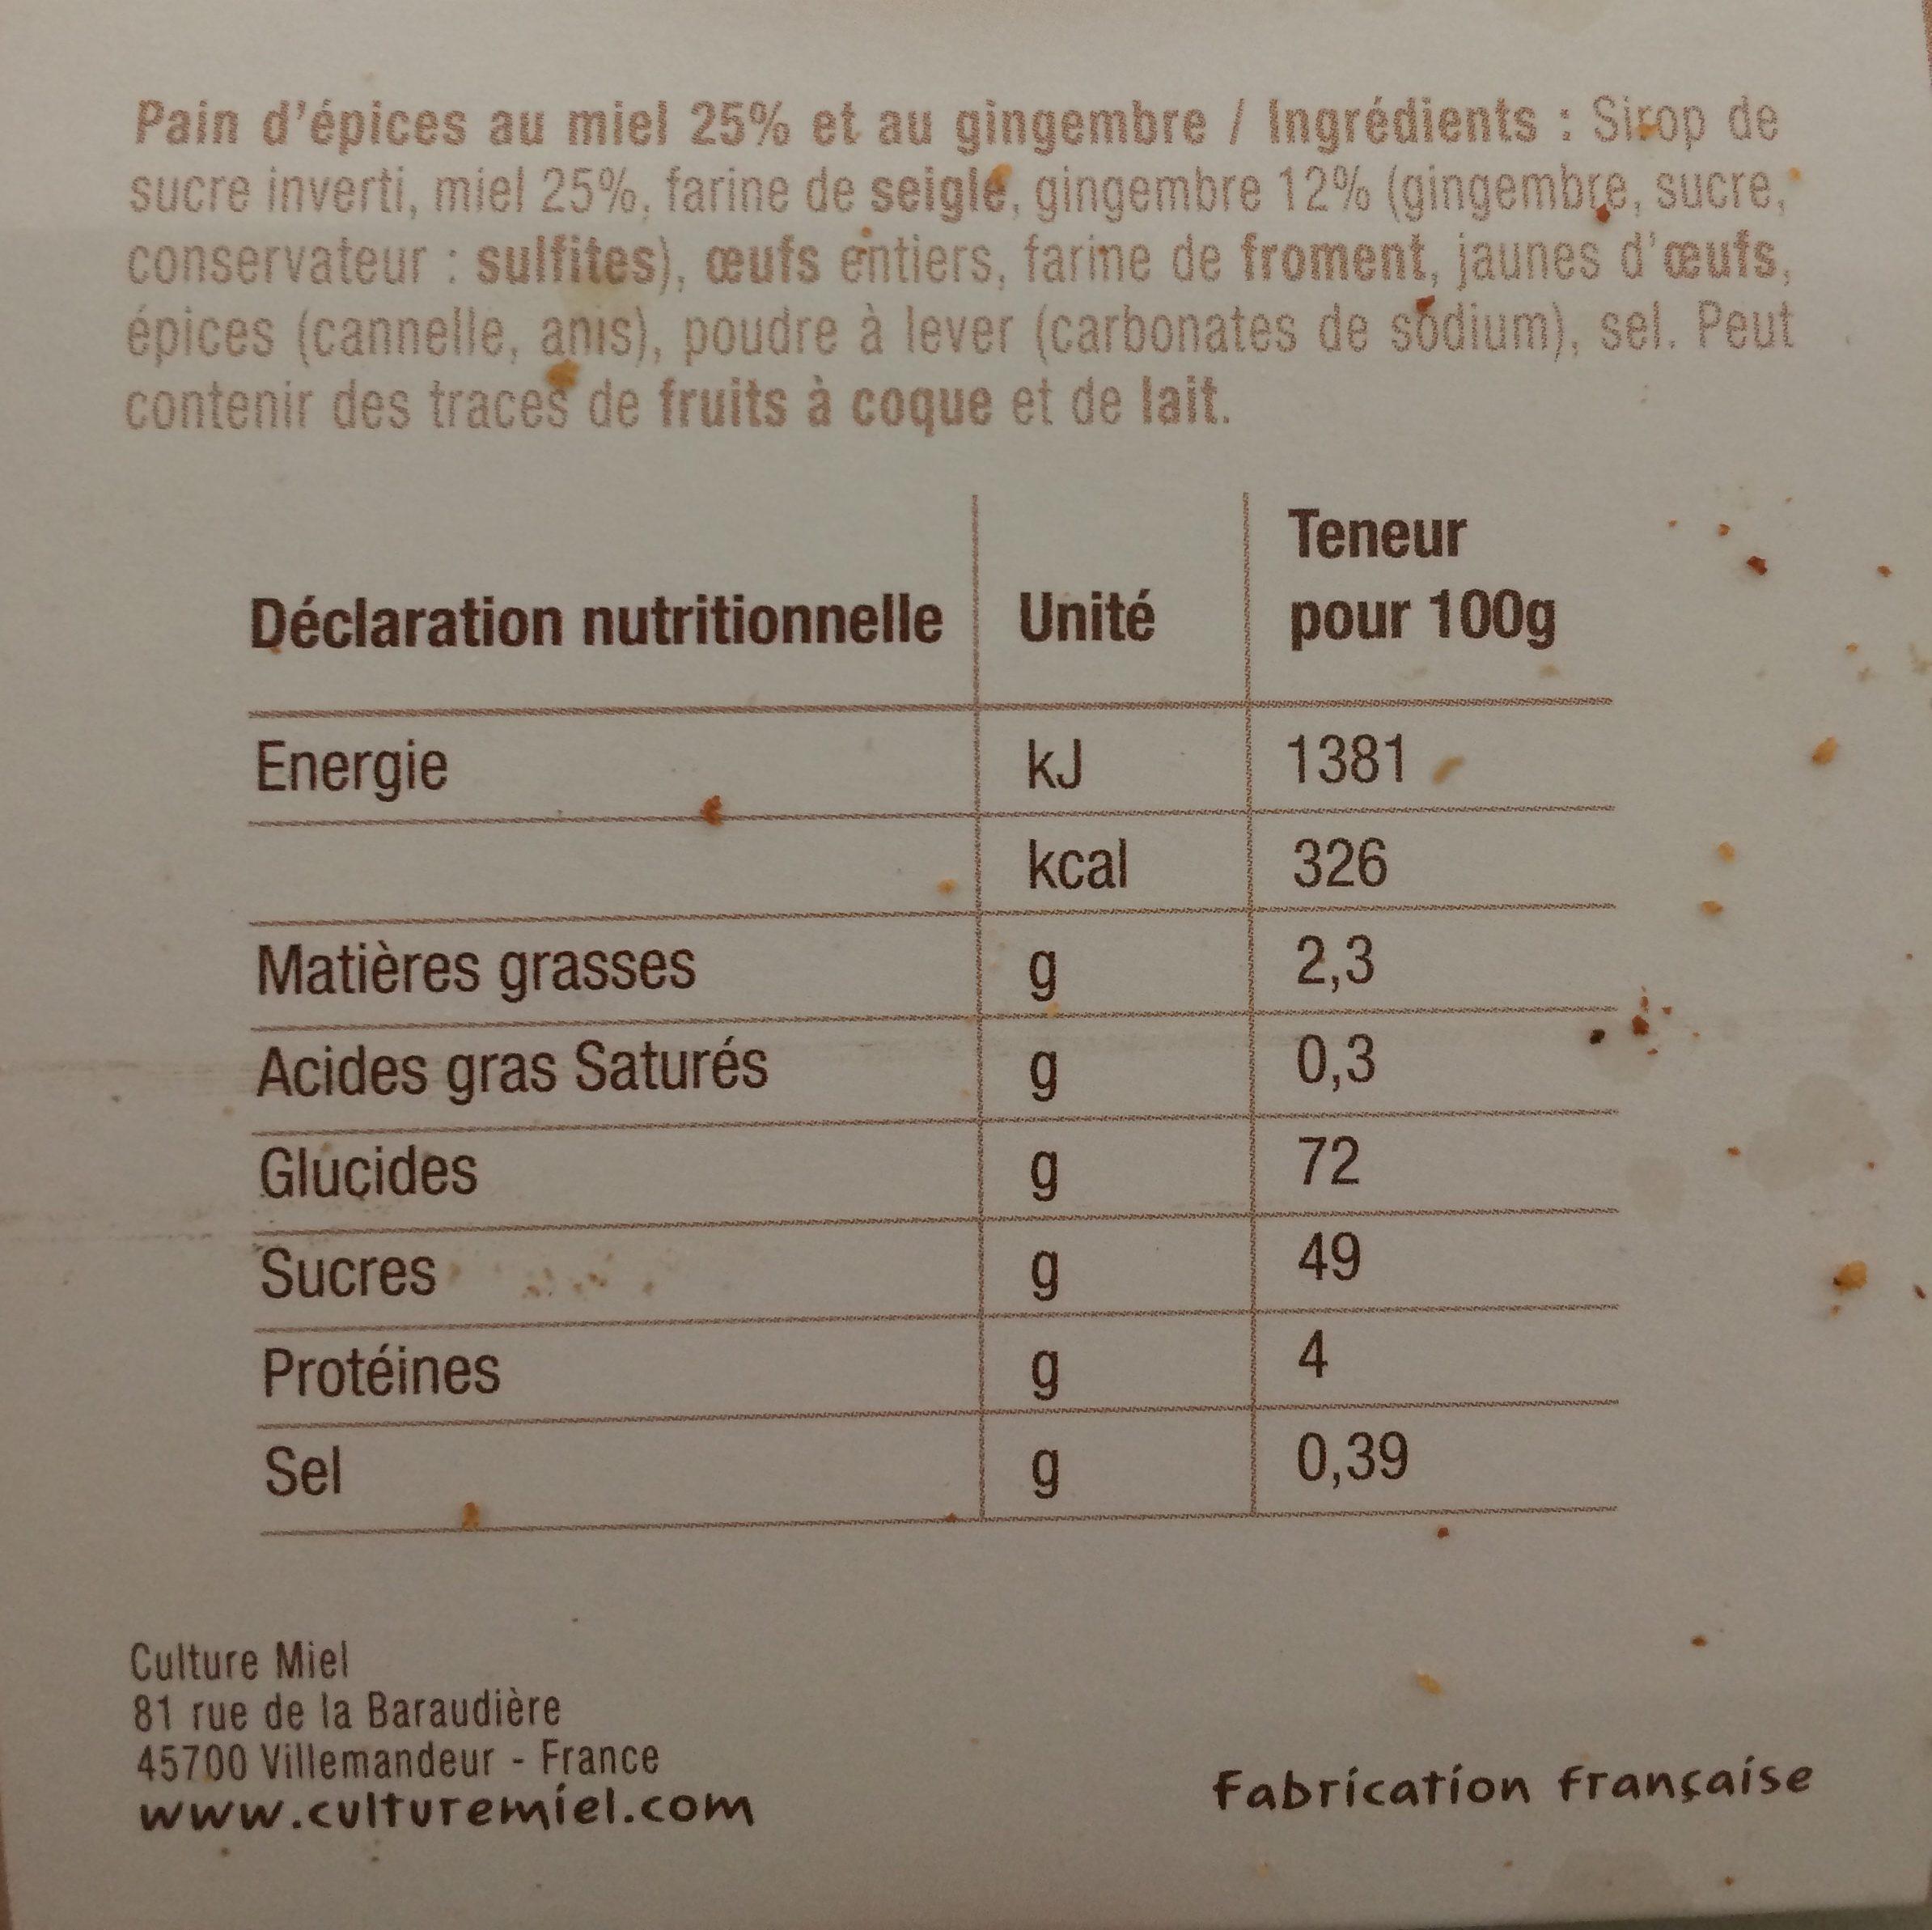 Pain d'épices au miel et au gingembre - Ingrediënten